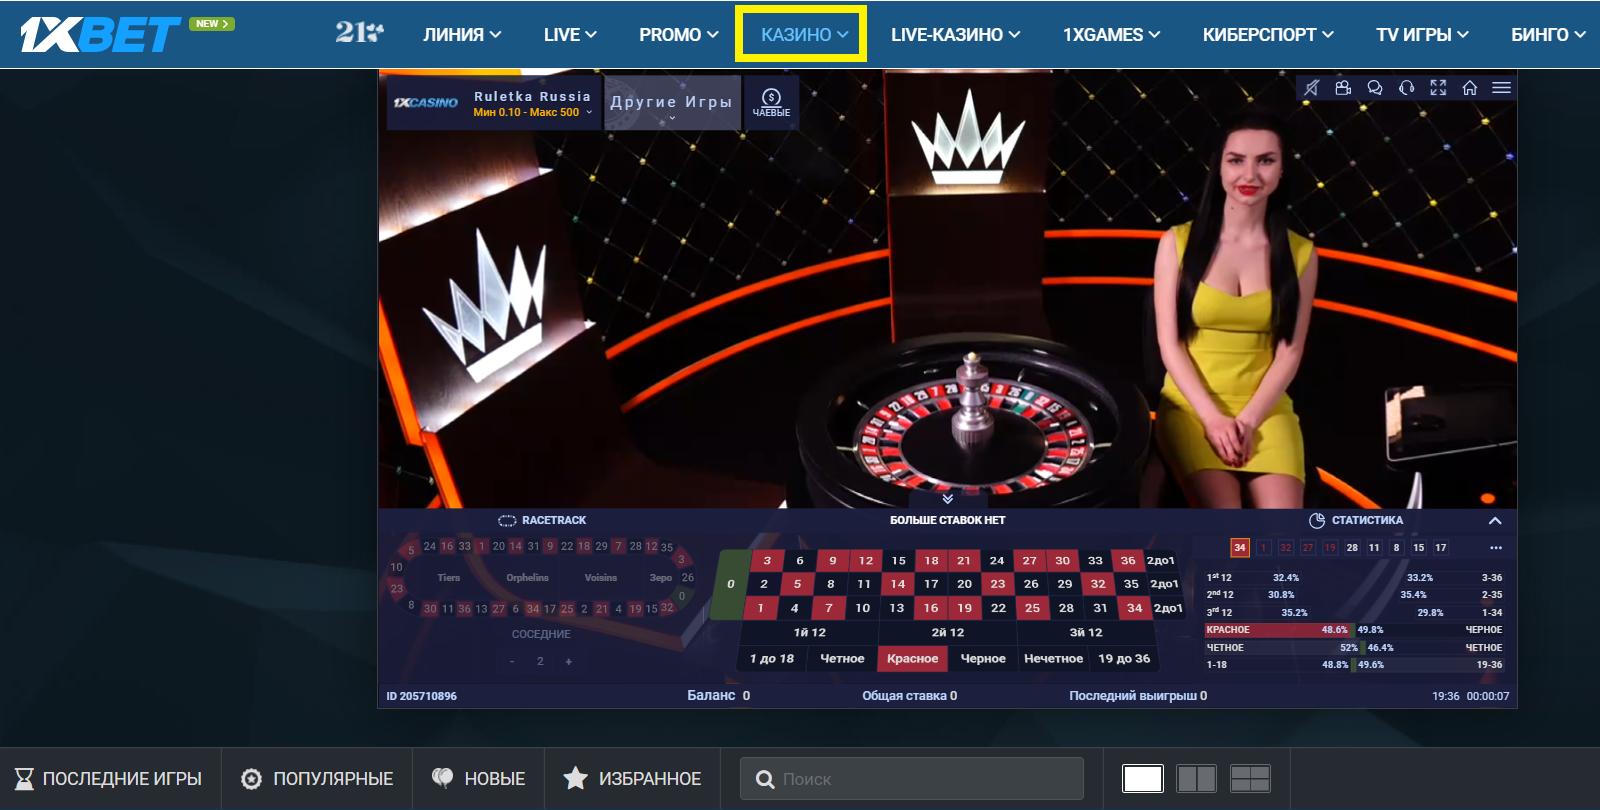 1xbet казино: как избежать мошеннических действий?